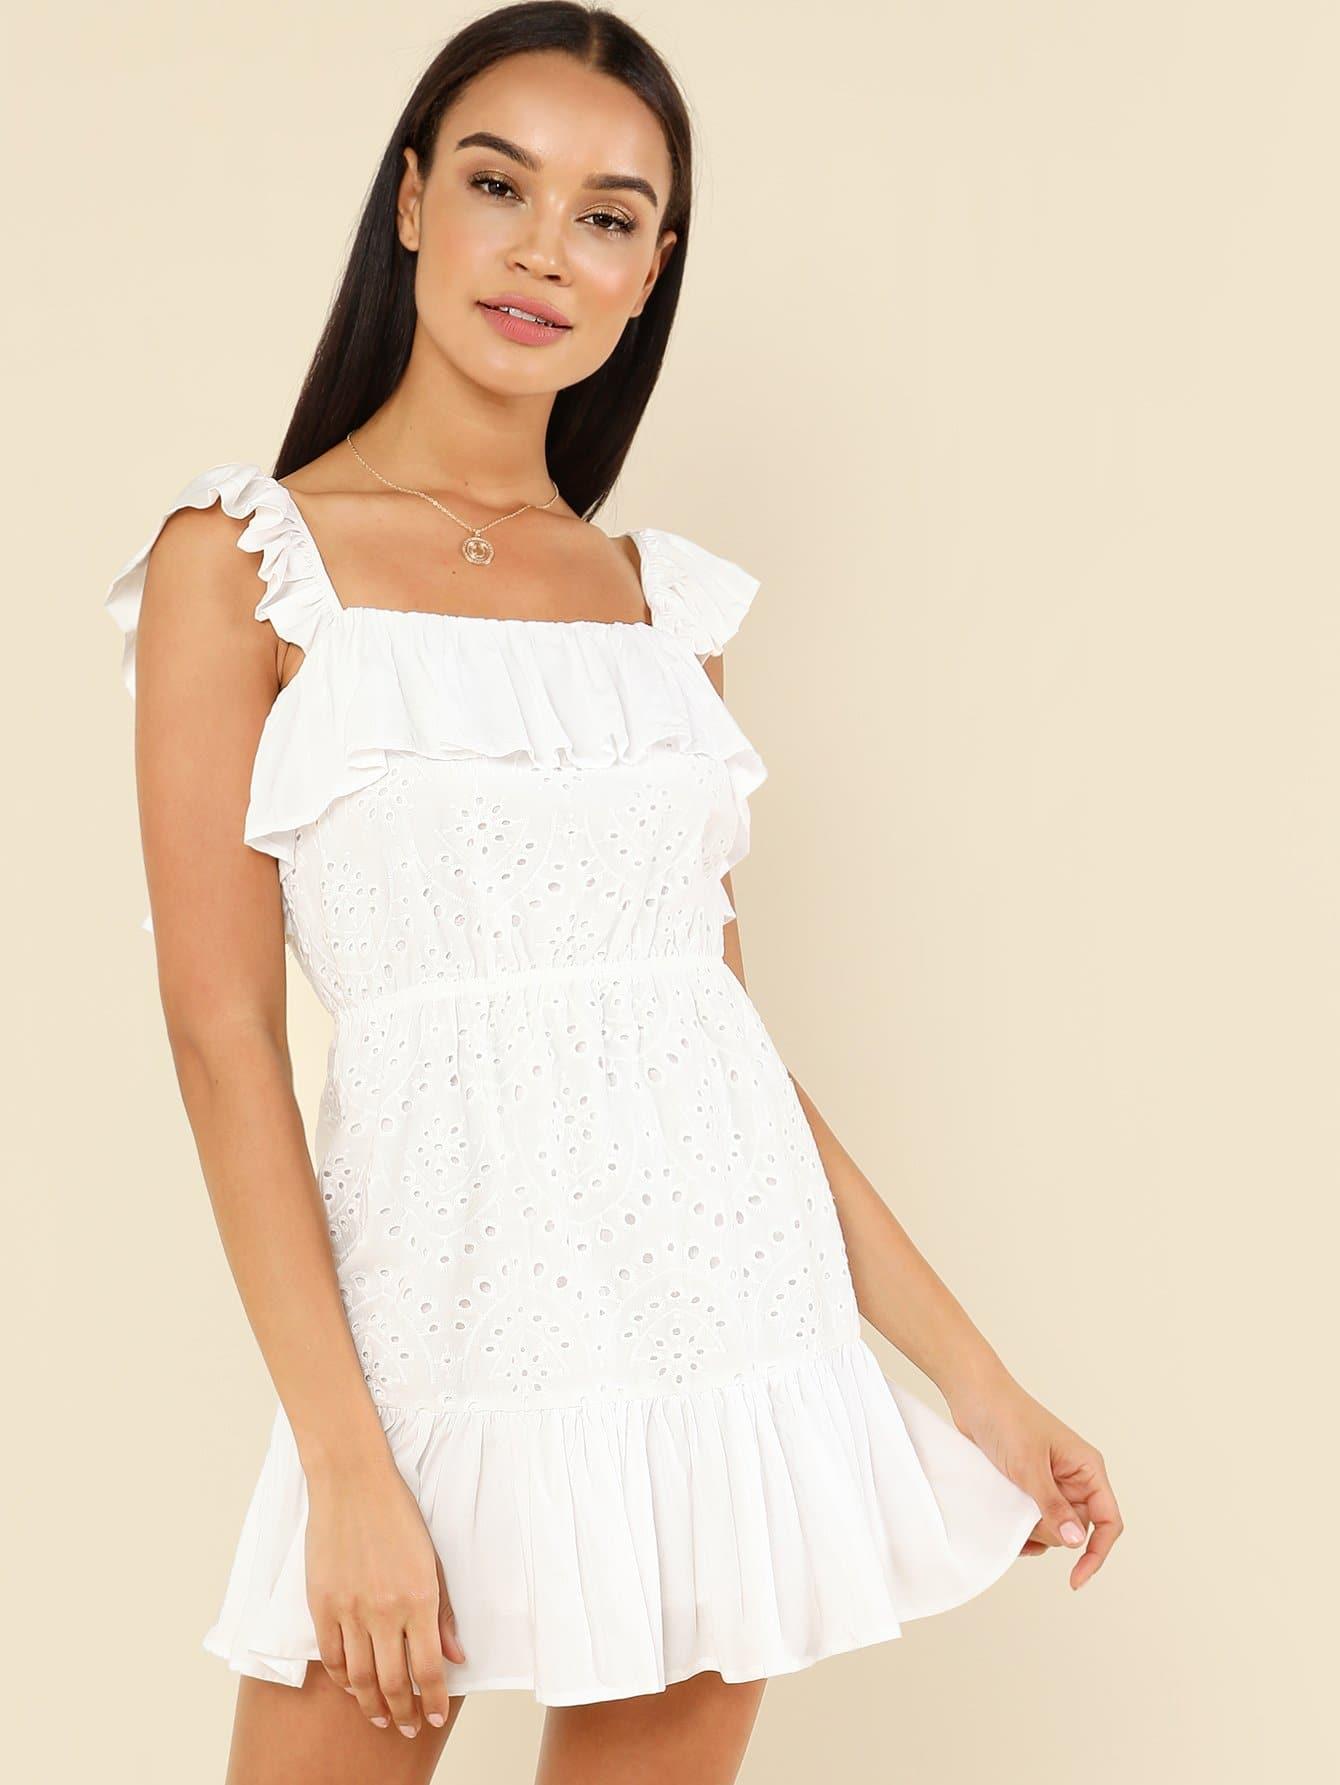 Eyelet Embroidery Ruffle Hem Dress eyelet embroidery ruffle hem dress